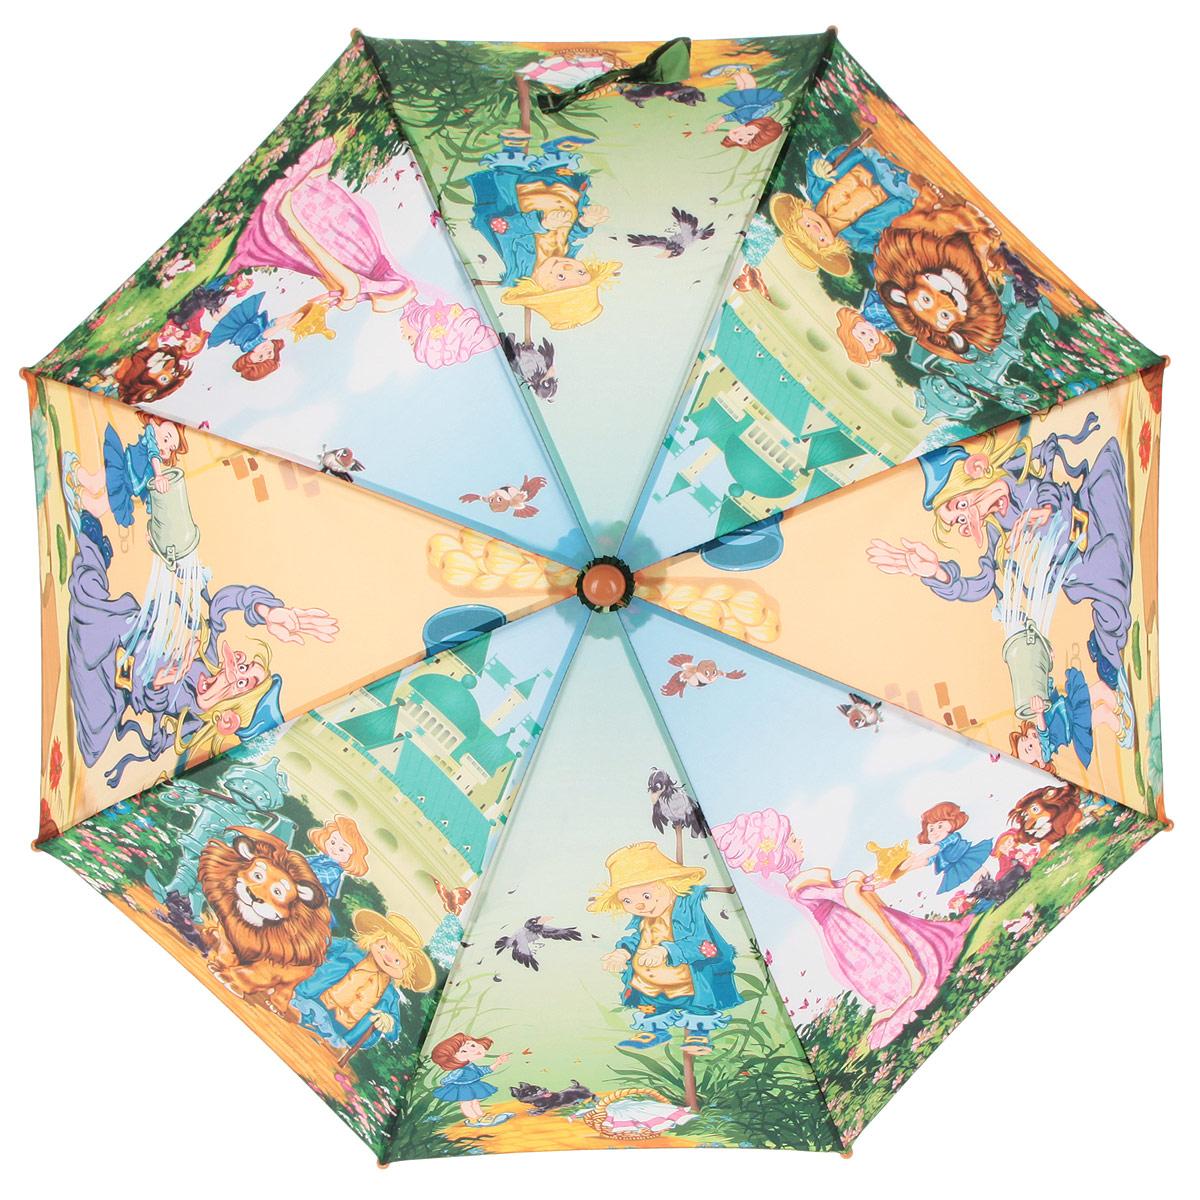 Зонт-трость детский Zest, цвет: зеленый, голубой, оранжевый, мультицвет. 21665-0221665-02Красочный детский зонт-трость ZEST выполнен из металла и пластика, оформлен принтом с изображениями героев известнейших сказок. Каркас зонта выполнен из восьми спиц, стержень из стали. На концах спиц предусмотрены пластиковые элементы, которые защитят малыша от травм. Купол зонта изготовлен прочного полиэстера. Закрытый купол застегивается на липучку хлястиком. Практичная глянцевая рукоятка закругленной формы разработана с учетом требований эргономики и выполнена из пластика. Зонт имеет полуавтоматический механизм сложения: купол открывается нажатием кнопки на рукоятке, а закрывается вручную до характерного щелчка. Такой зонт не только надежно защитит малыша от дождя, но и станет стильным аксессуаром.